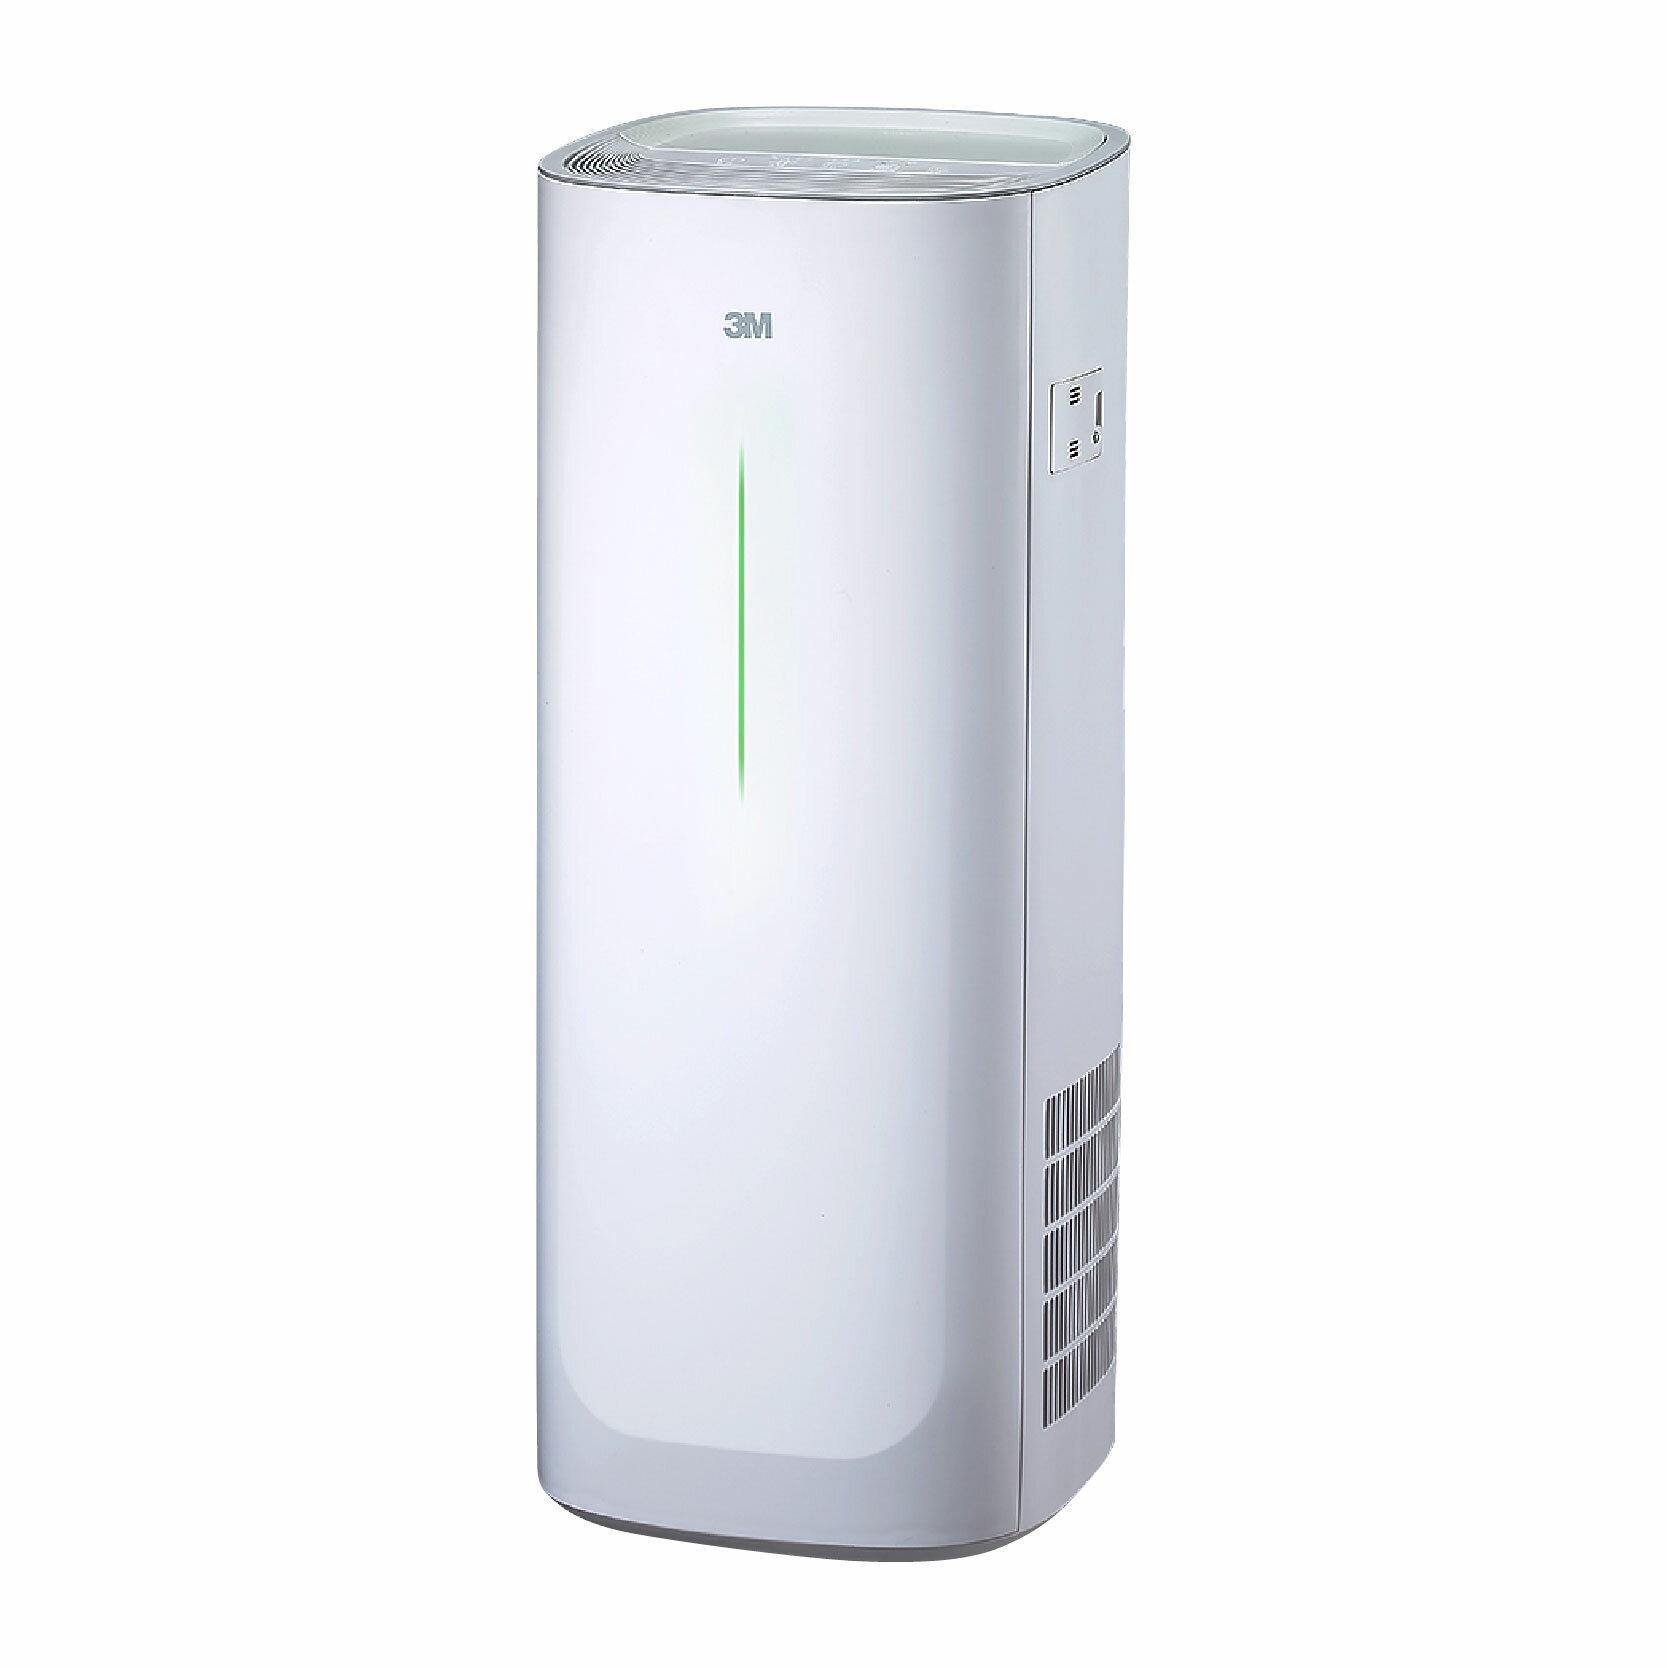 3M 淨呼吸空氣清淨機 FA-E180 除臭 除菌 吸附灰塵 空氣清淨機 強效過濾 除去過敏原 活性碳濾網 負離子清淨